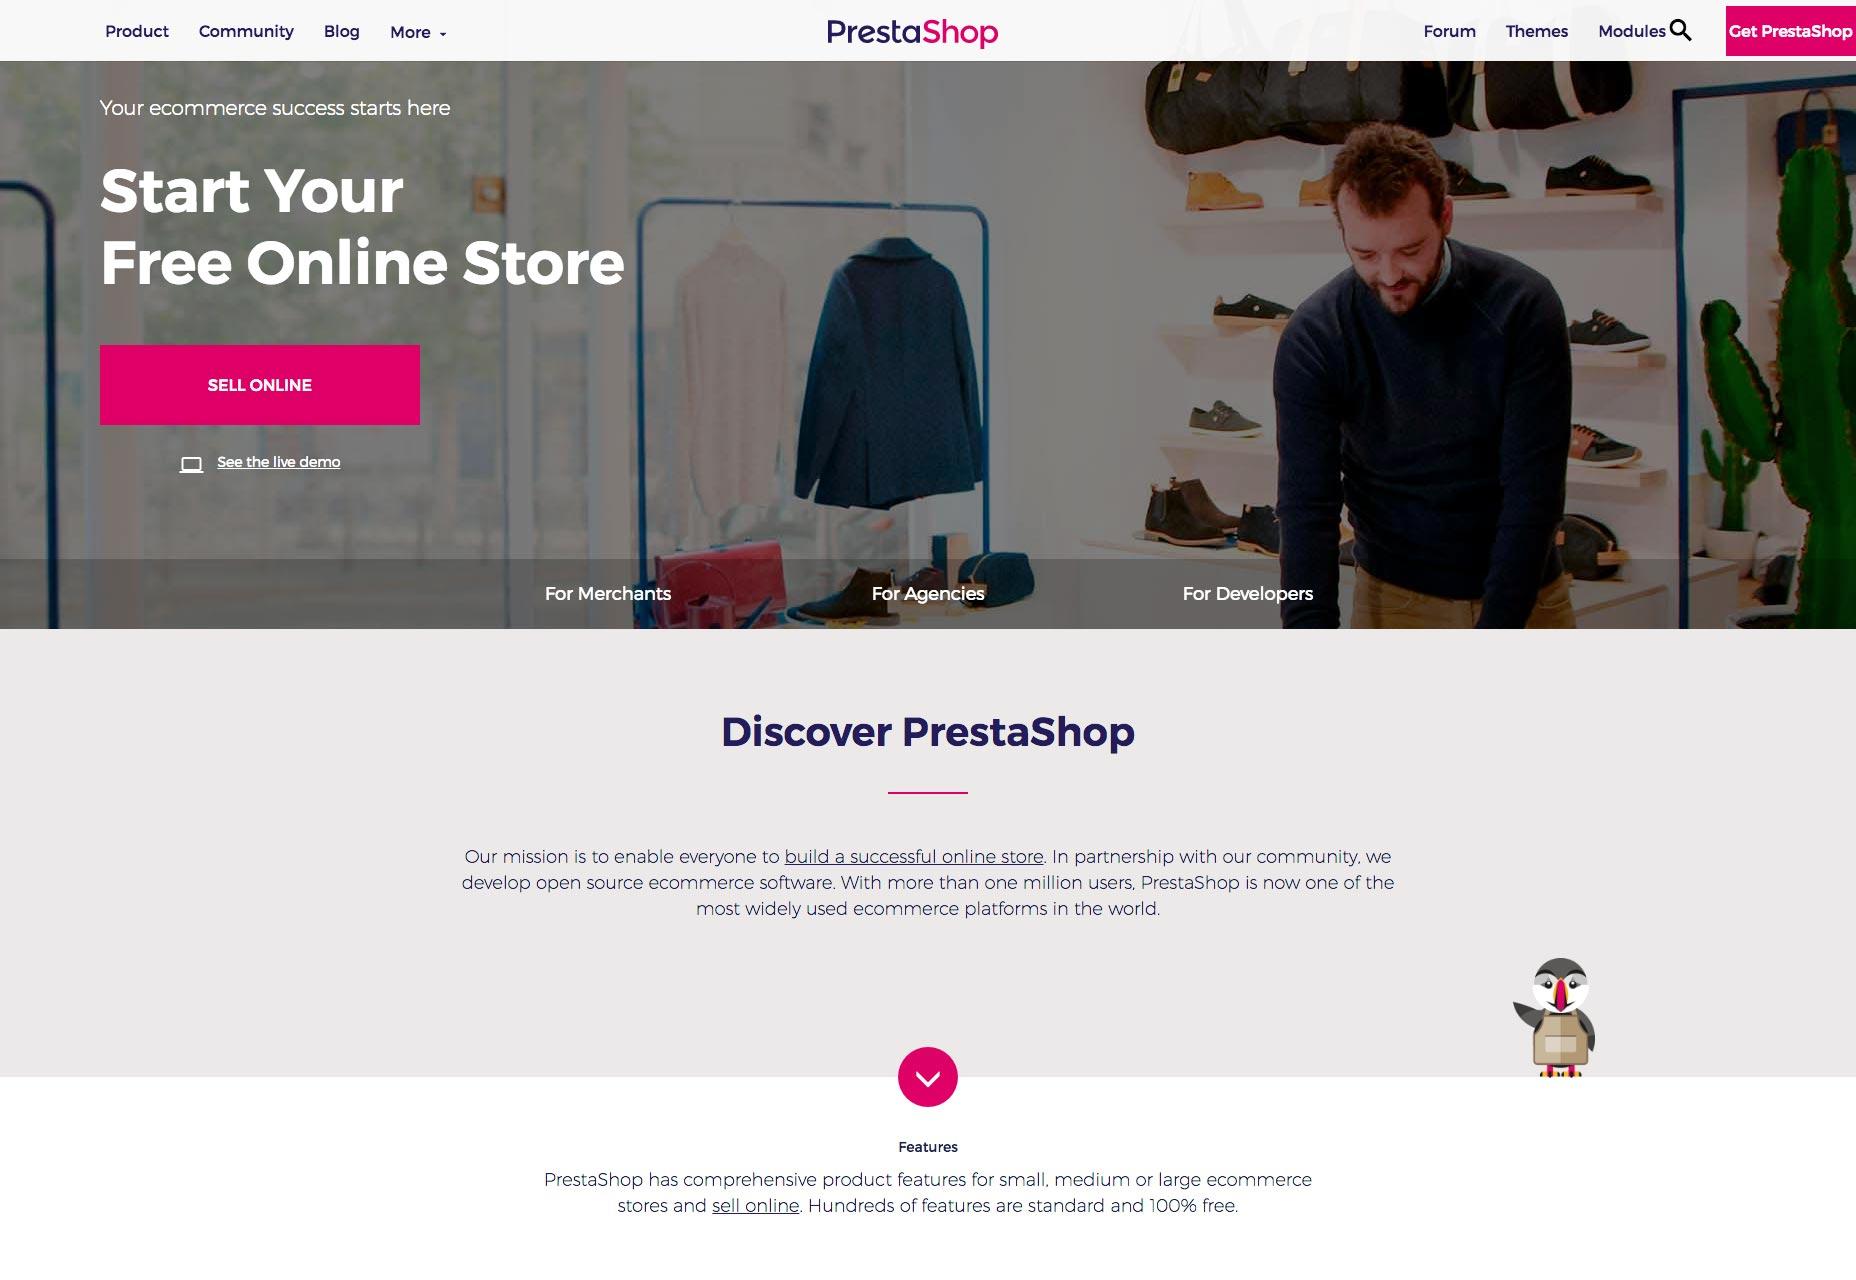 09-PrestaShop